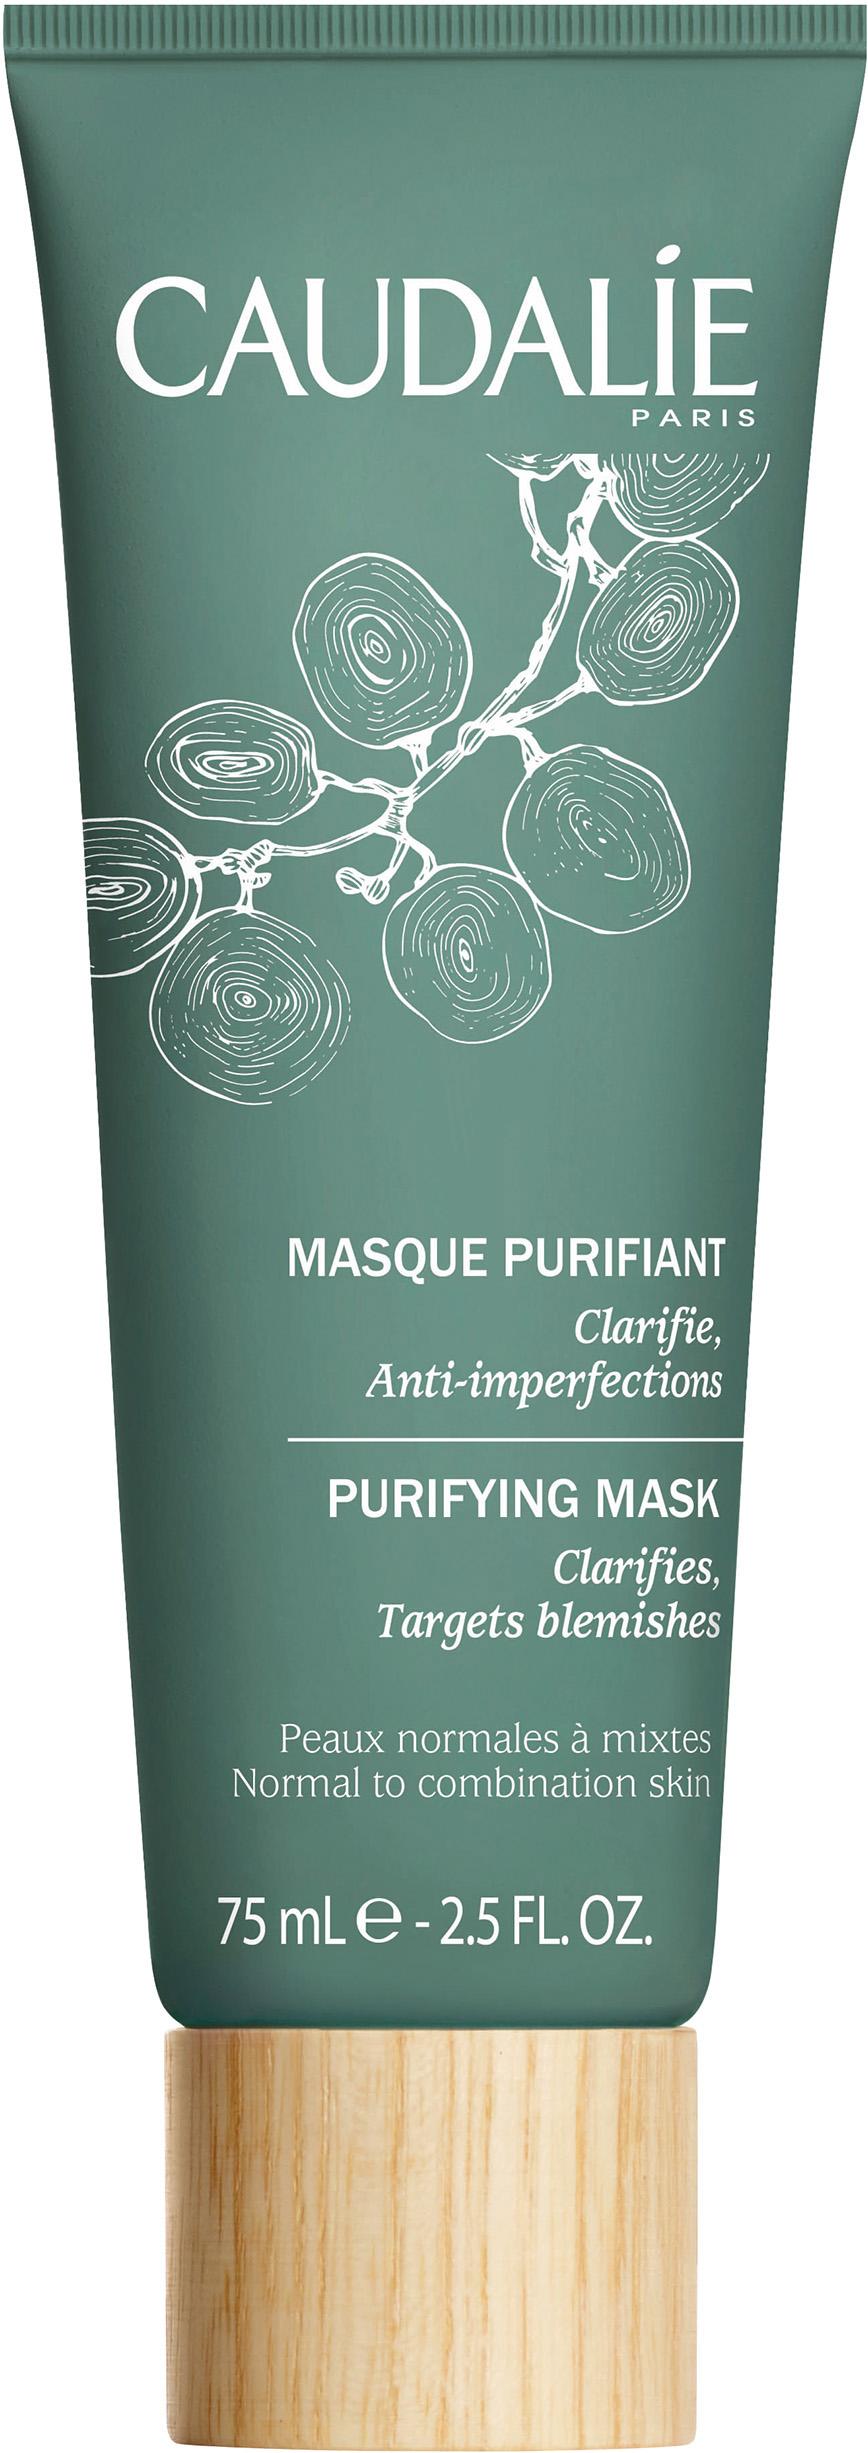 Caudalie - Purifying Mask 75 ml